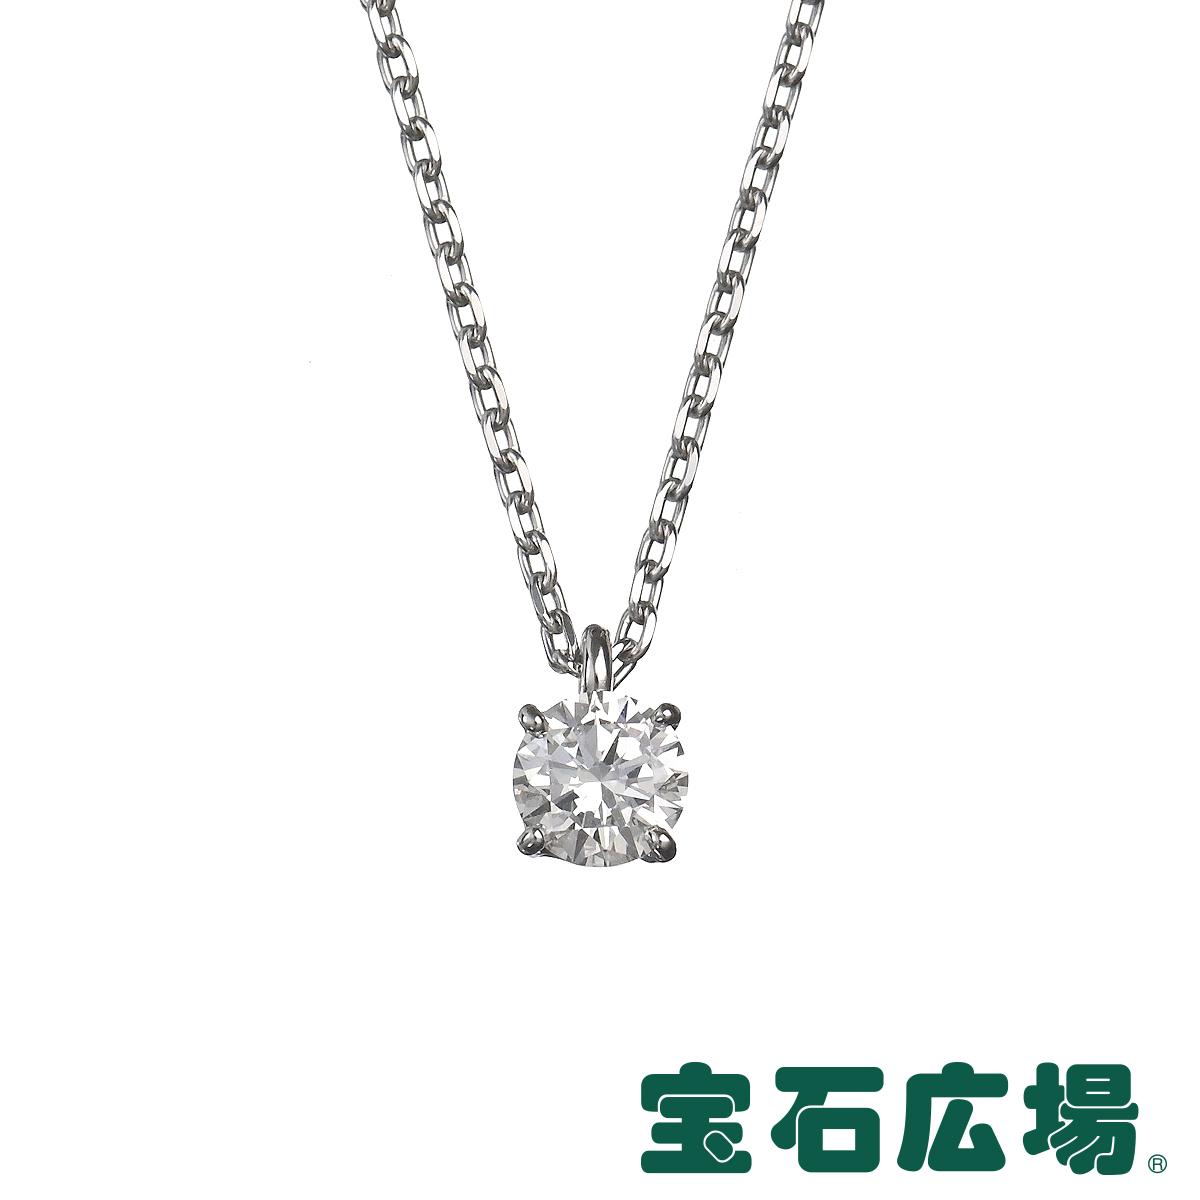 宝石広場オリジナル D ジュエリー ダイヤ 0.503ct 送料無料 ジュエリー ダイヤモンド 【新品】 ペンダントネックレス